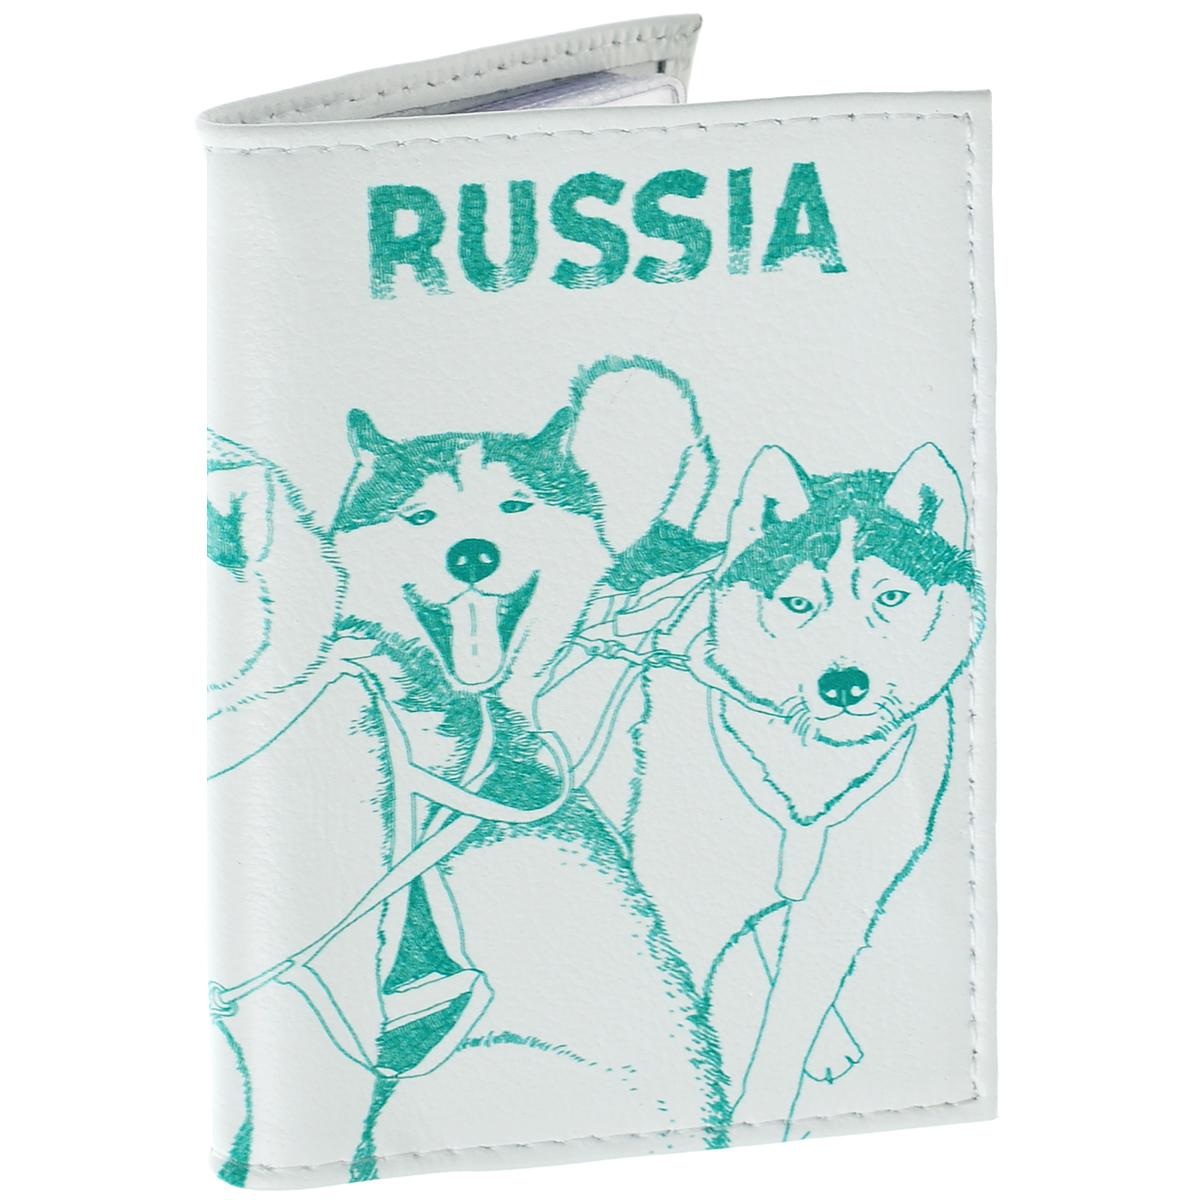 Визитница Сибирские хаски. VIZIT-219VIZIT-219Оригинальная визитница Mitya Veselkov Сибирские хаски прекрасно подойдет для хранения визиток и кредитных карт. Обложка выполнена из натуральной высококачественной кожи и оформлена изображением собачьей упряжки и надписью Russia. Внутри содержится съемный блок из прозрачного мягкого пластика на 18 визиток и 2 прозрачных вертикальных кармана. Стильная визитница подчеркнет вашу индивидуальность и изысканный вкус, а также станет замечательным подарком человеку, ценящему качественные и практичные вещи.